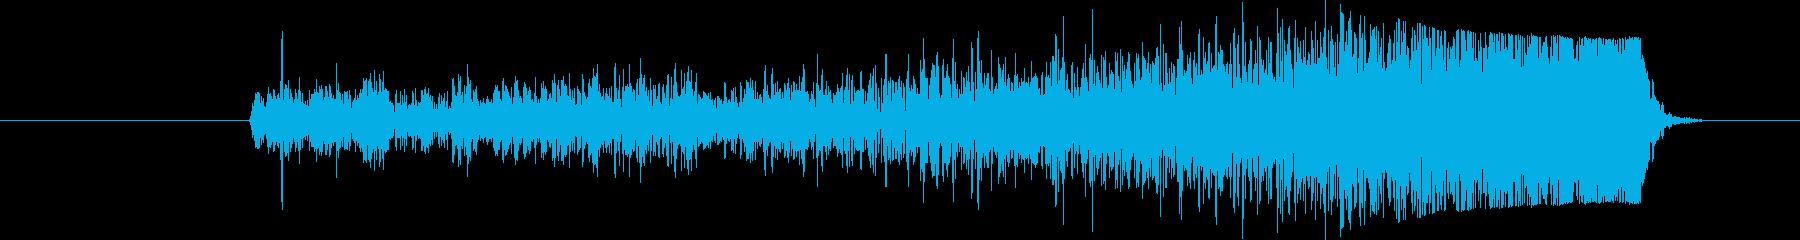 ヒューシュカットファーストリバースガラスの再生済みの波形